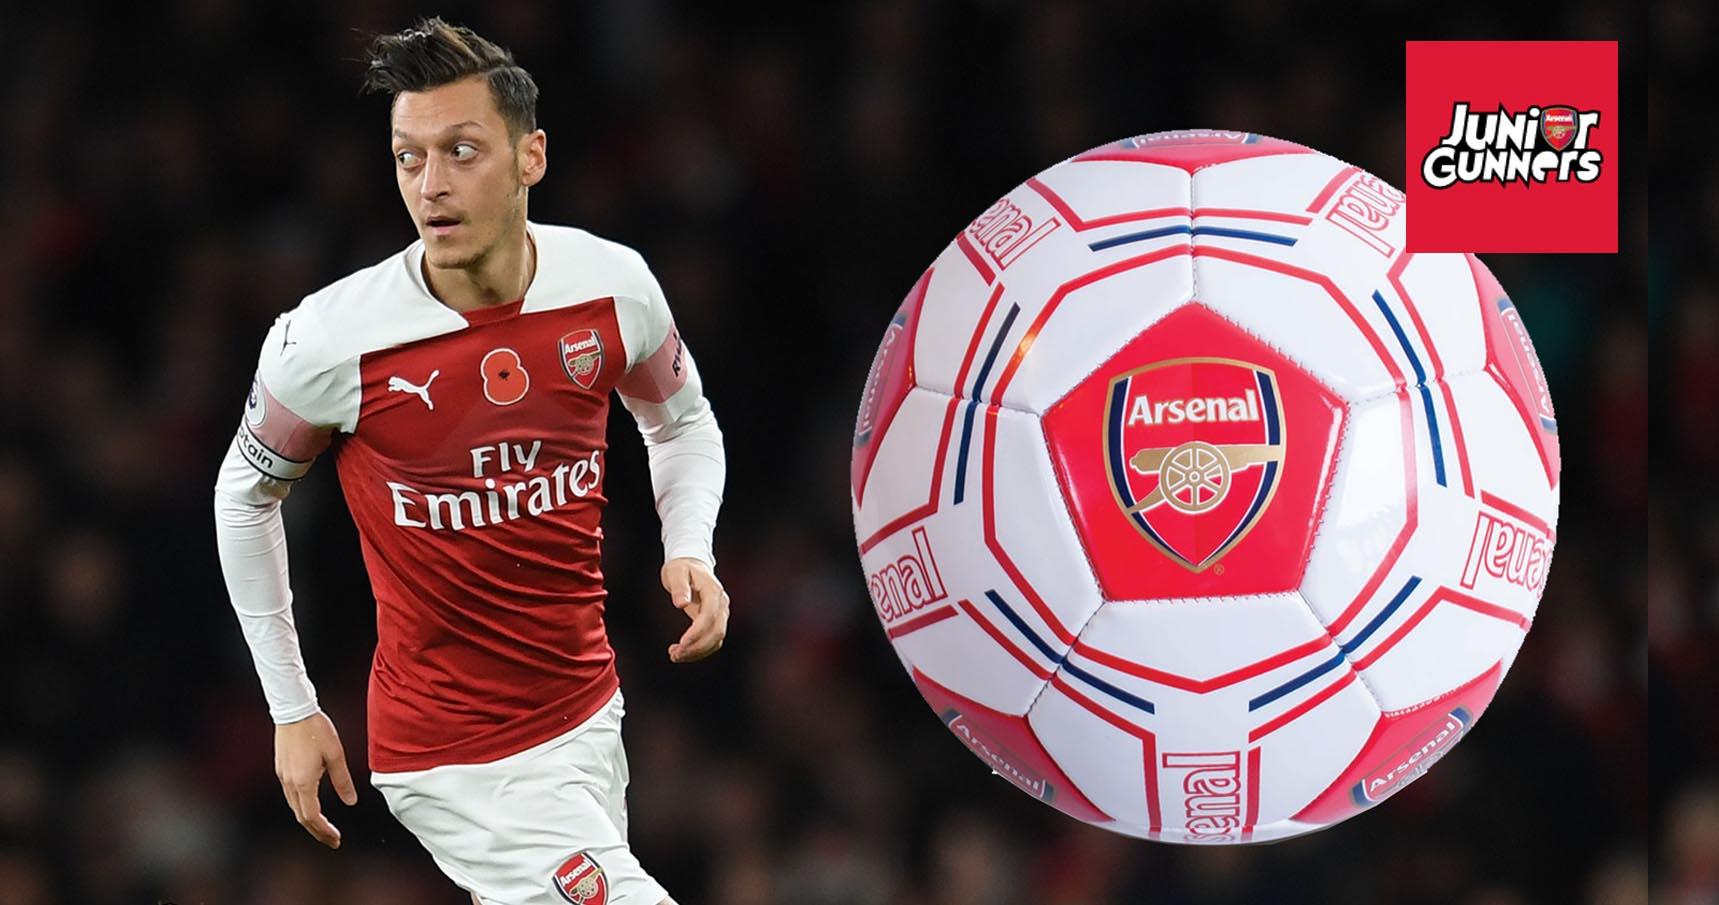 Arsenal Com